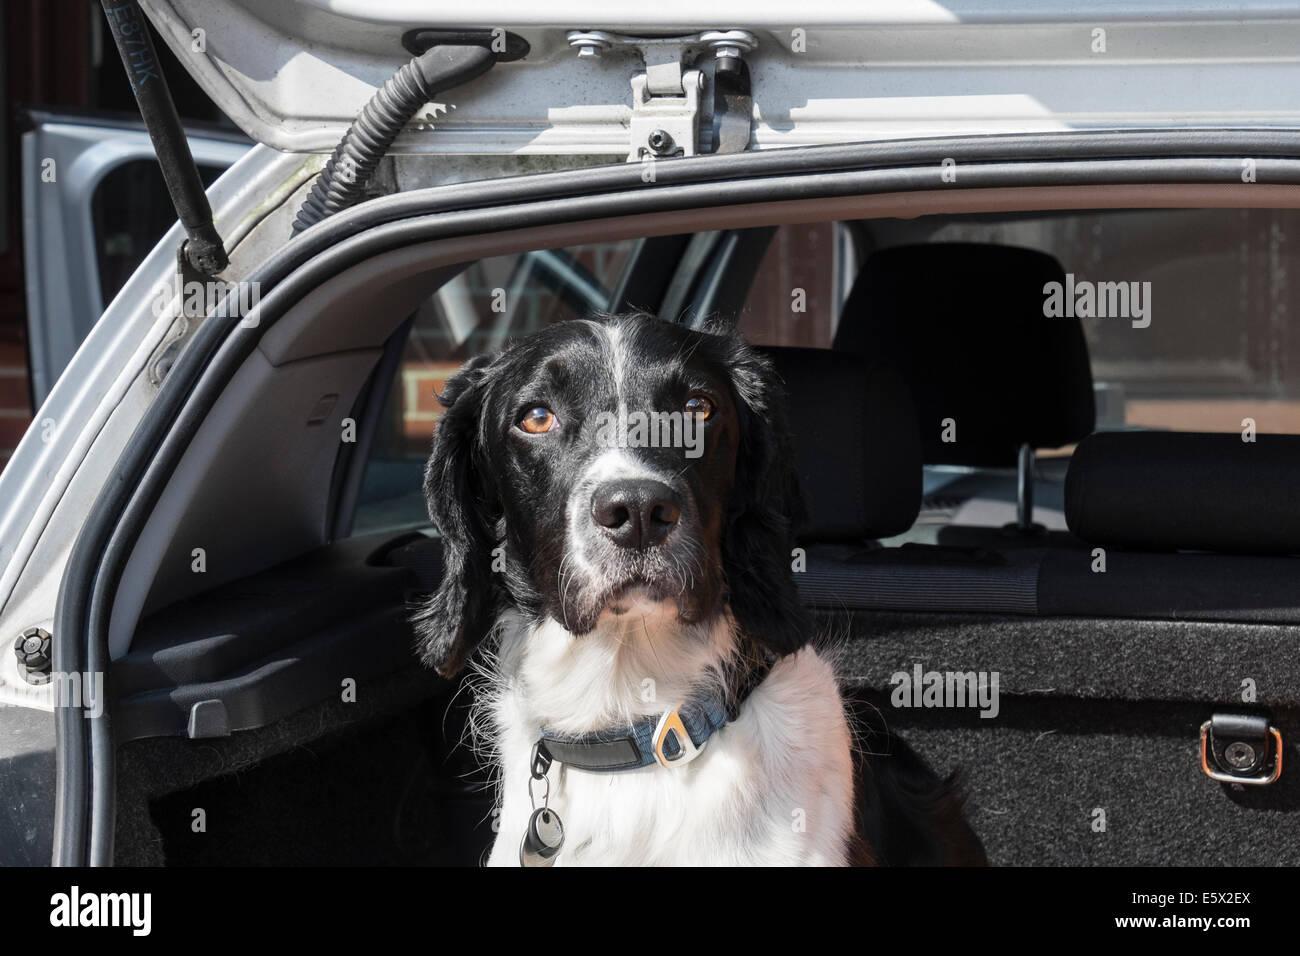 Un adulto English Springer Spaniel perro sentado esperando para ir en un viaje en el maletero del coche una berlina Imagen De Stock